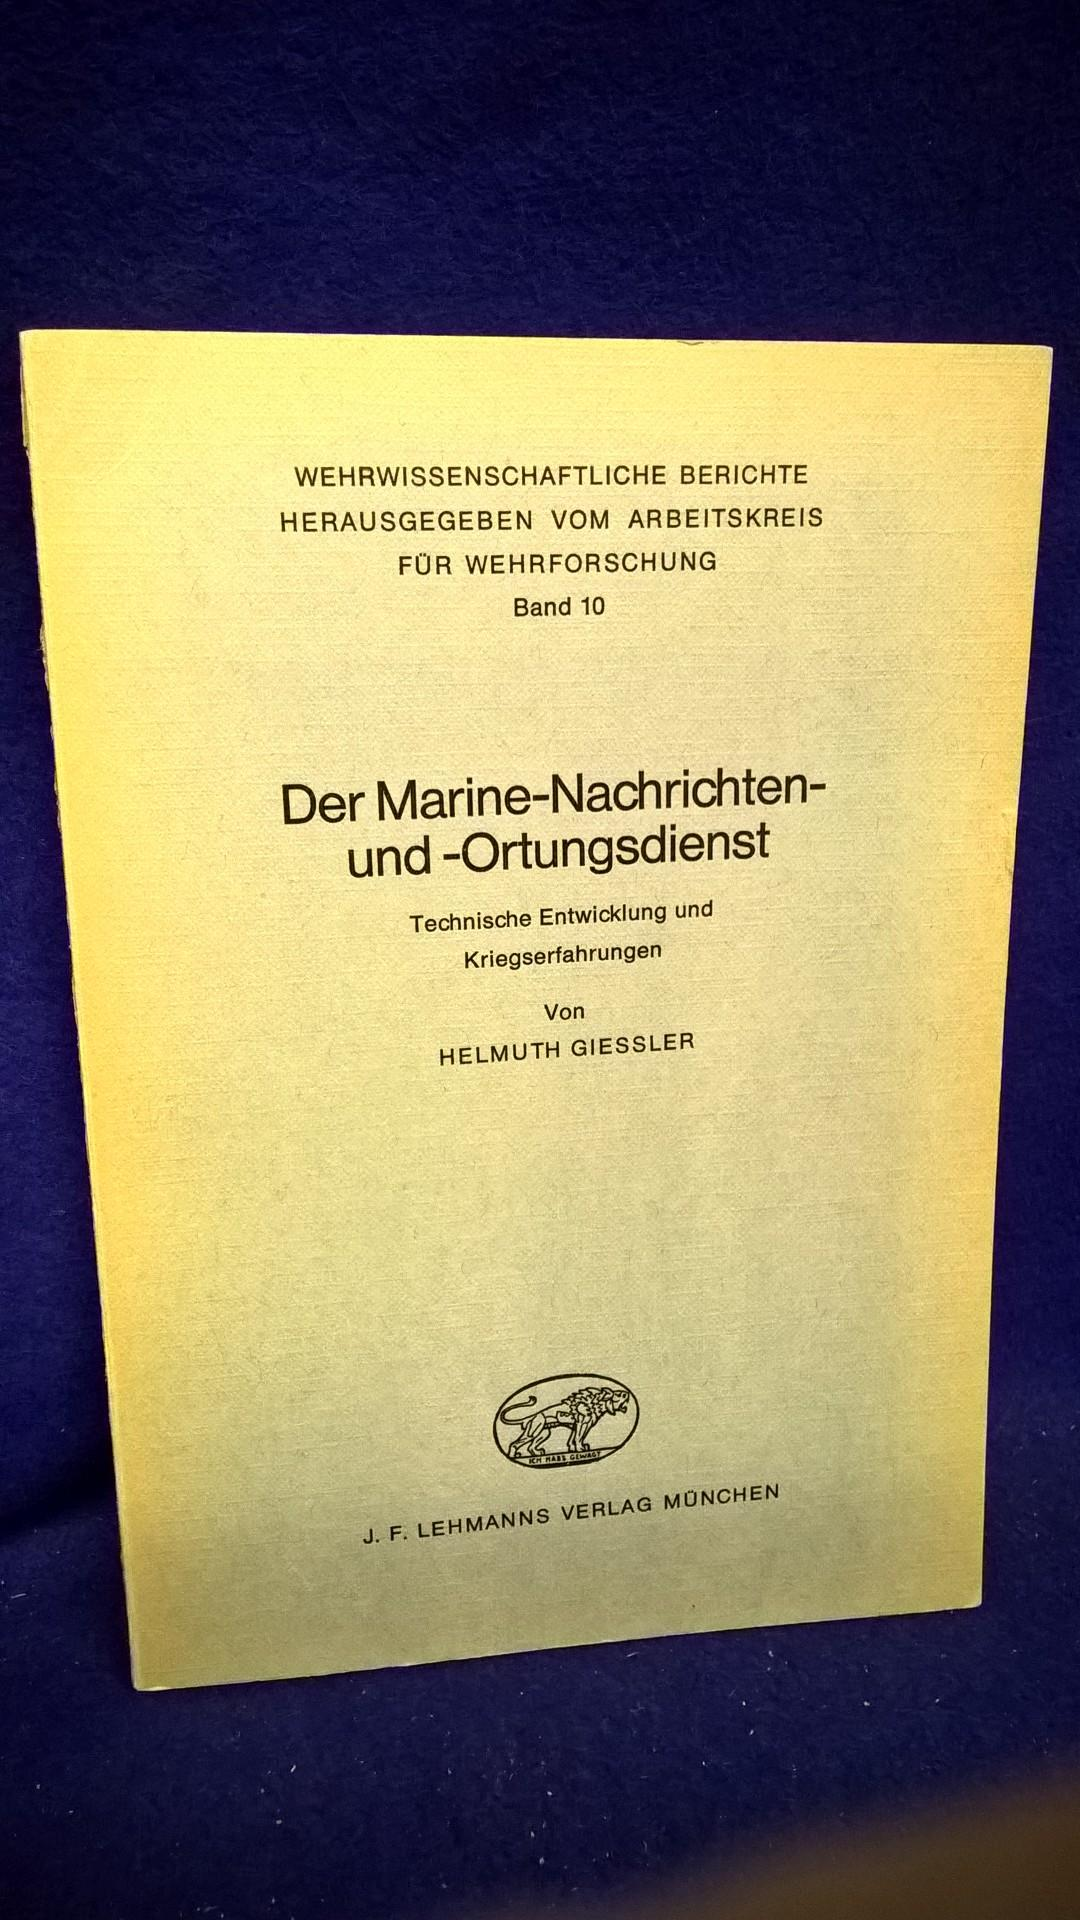 Der Marine-Nachrichten- und Ortungsdienst. Technische Entwicklung und Kriegserfahrungen.